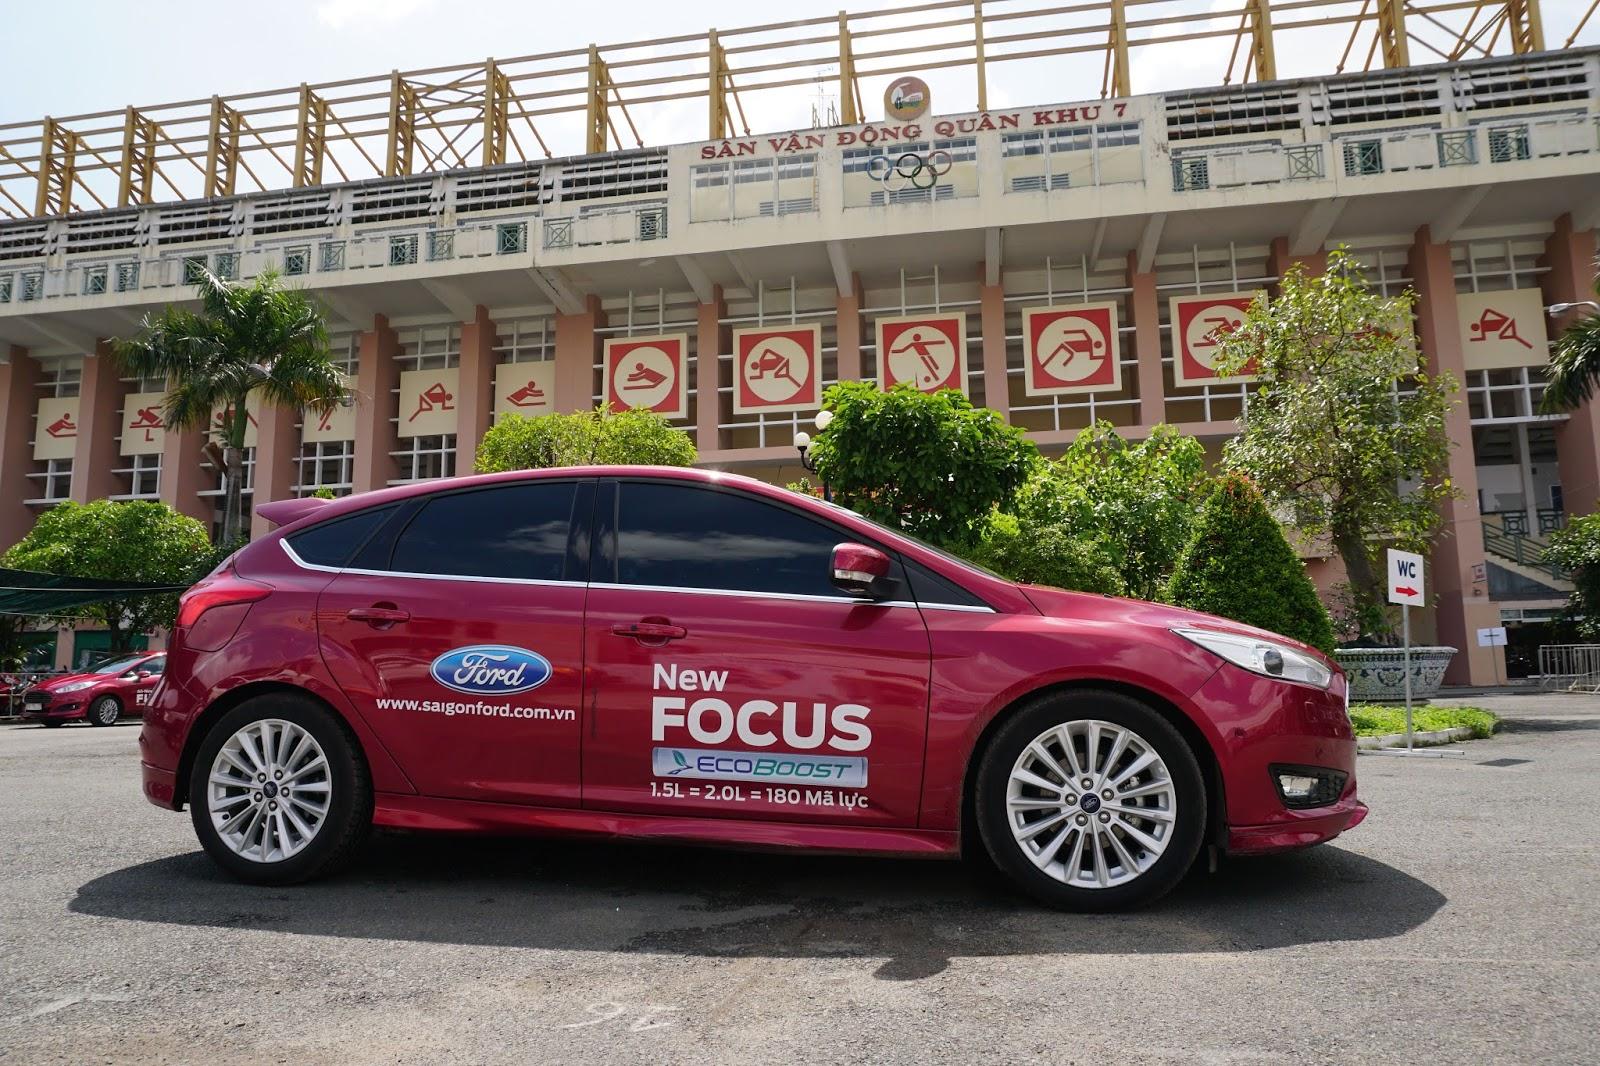 Ford Focus 2016 là một trong những chiếc xe an toàn, thông minh nhất trong phân khúc